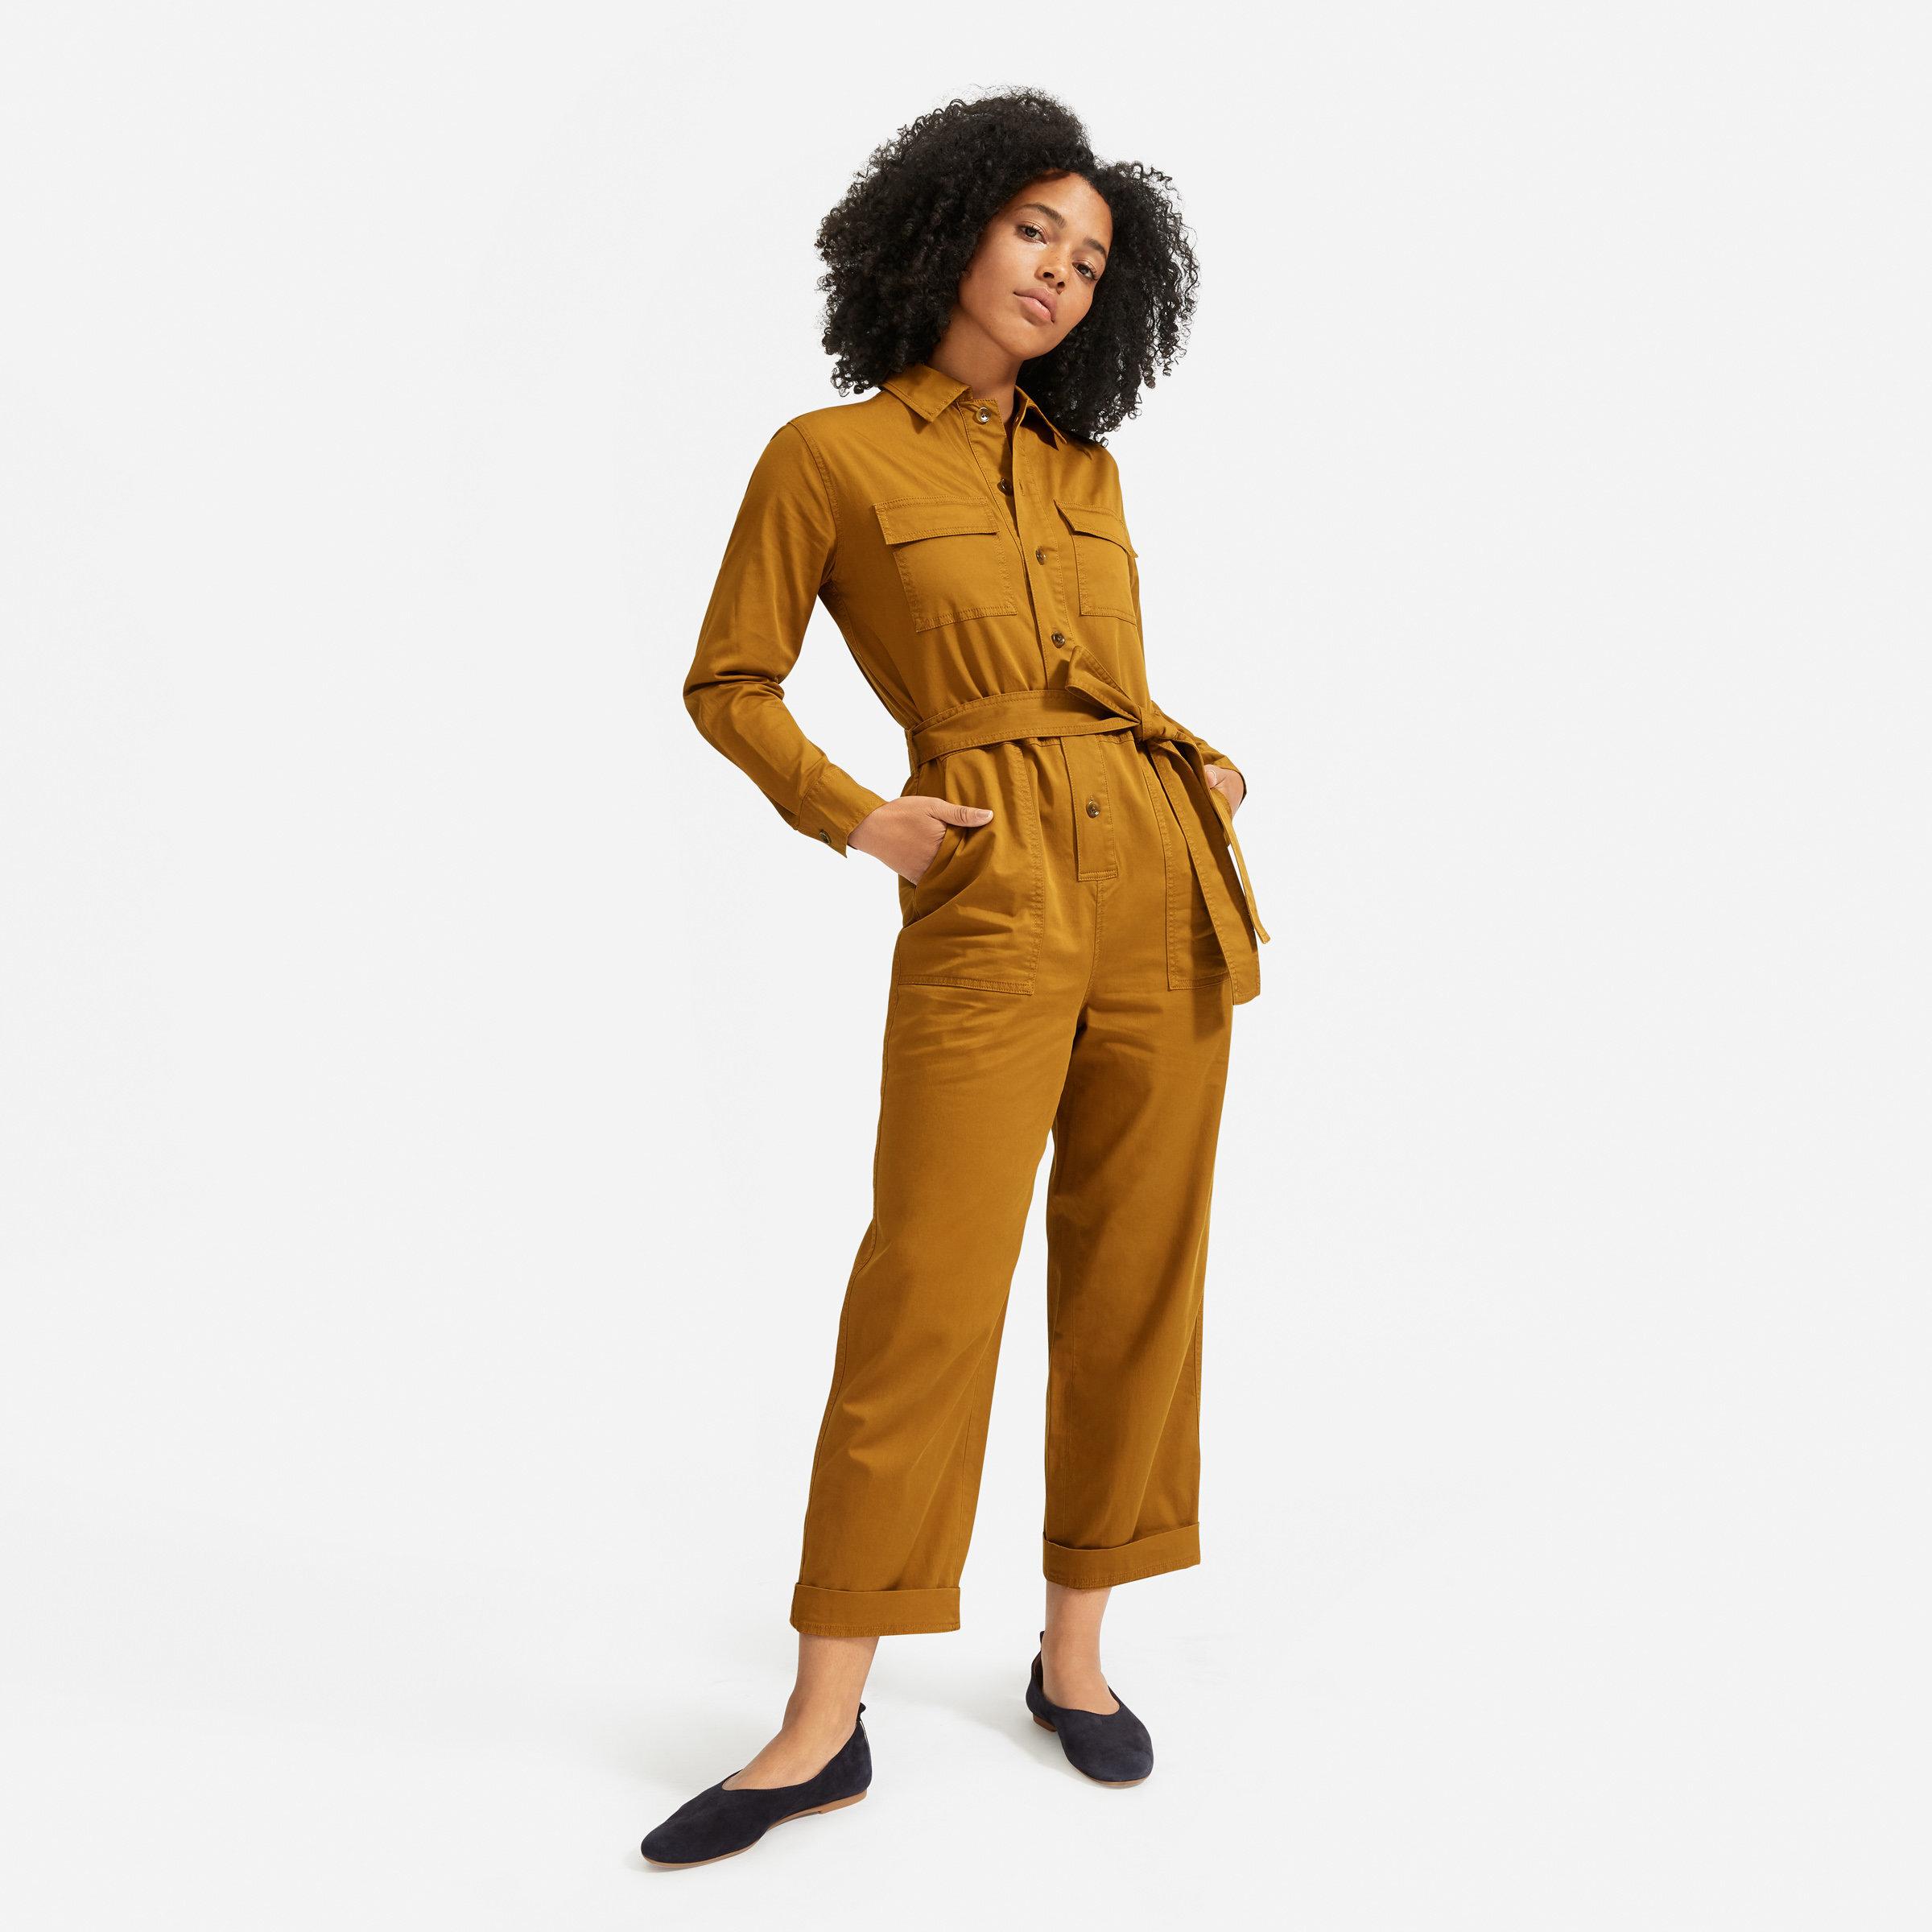 Everlane Jumpsuit Sustainable Fashion